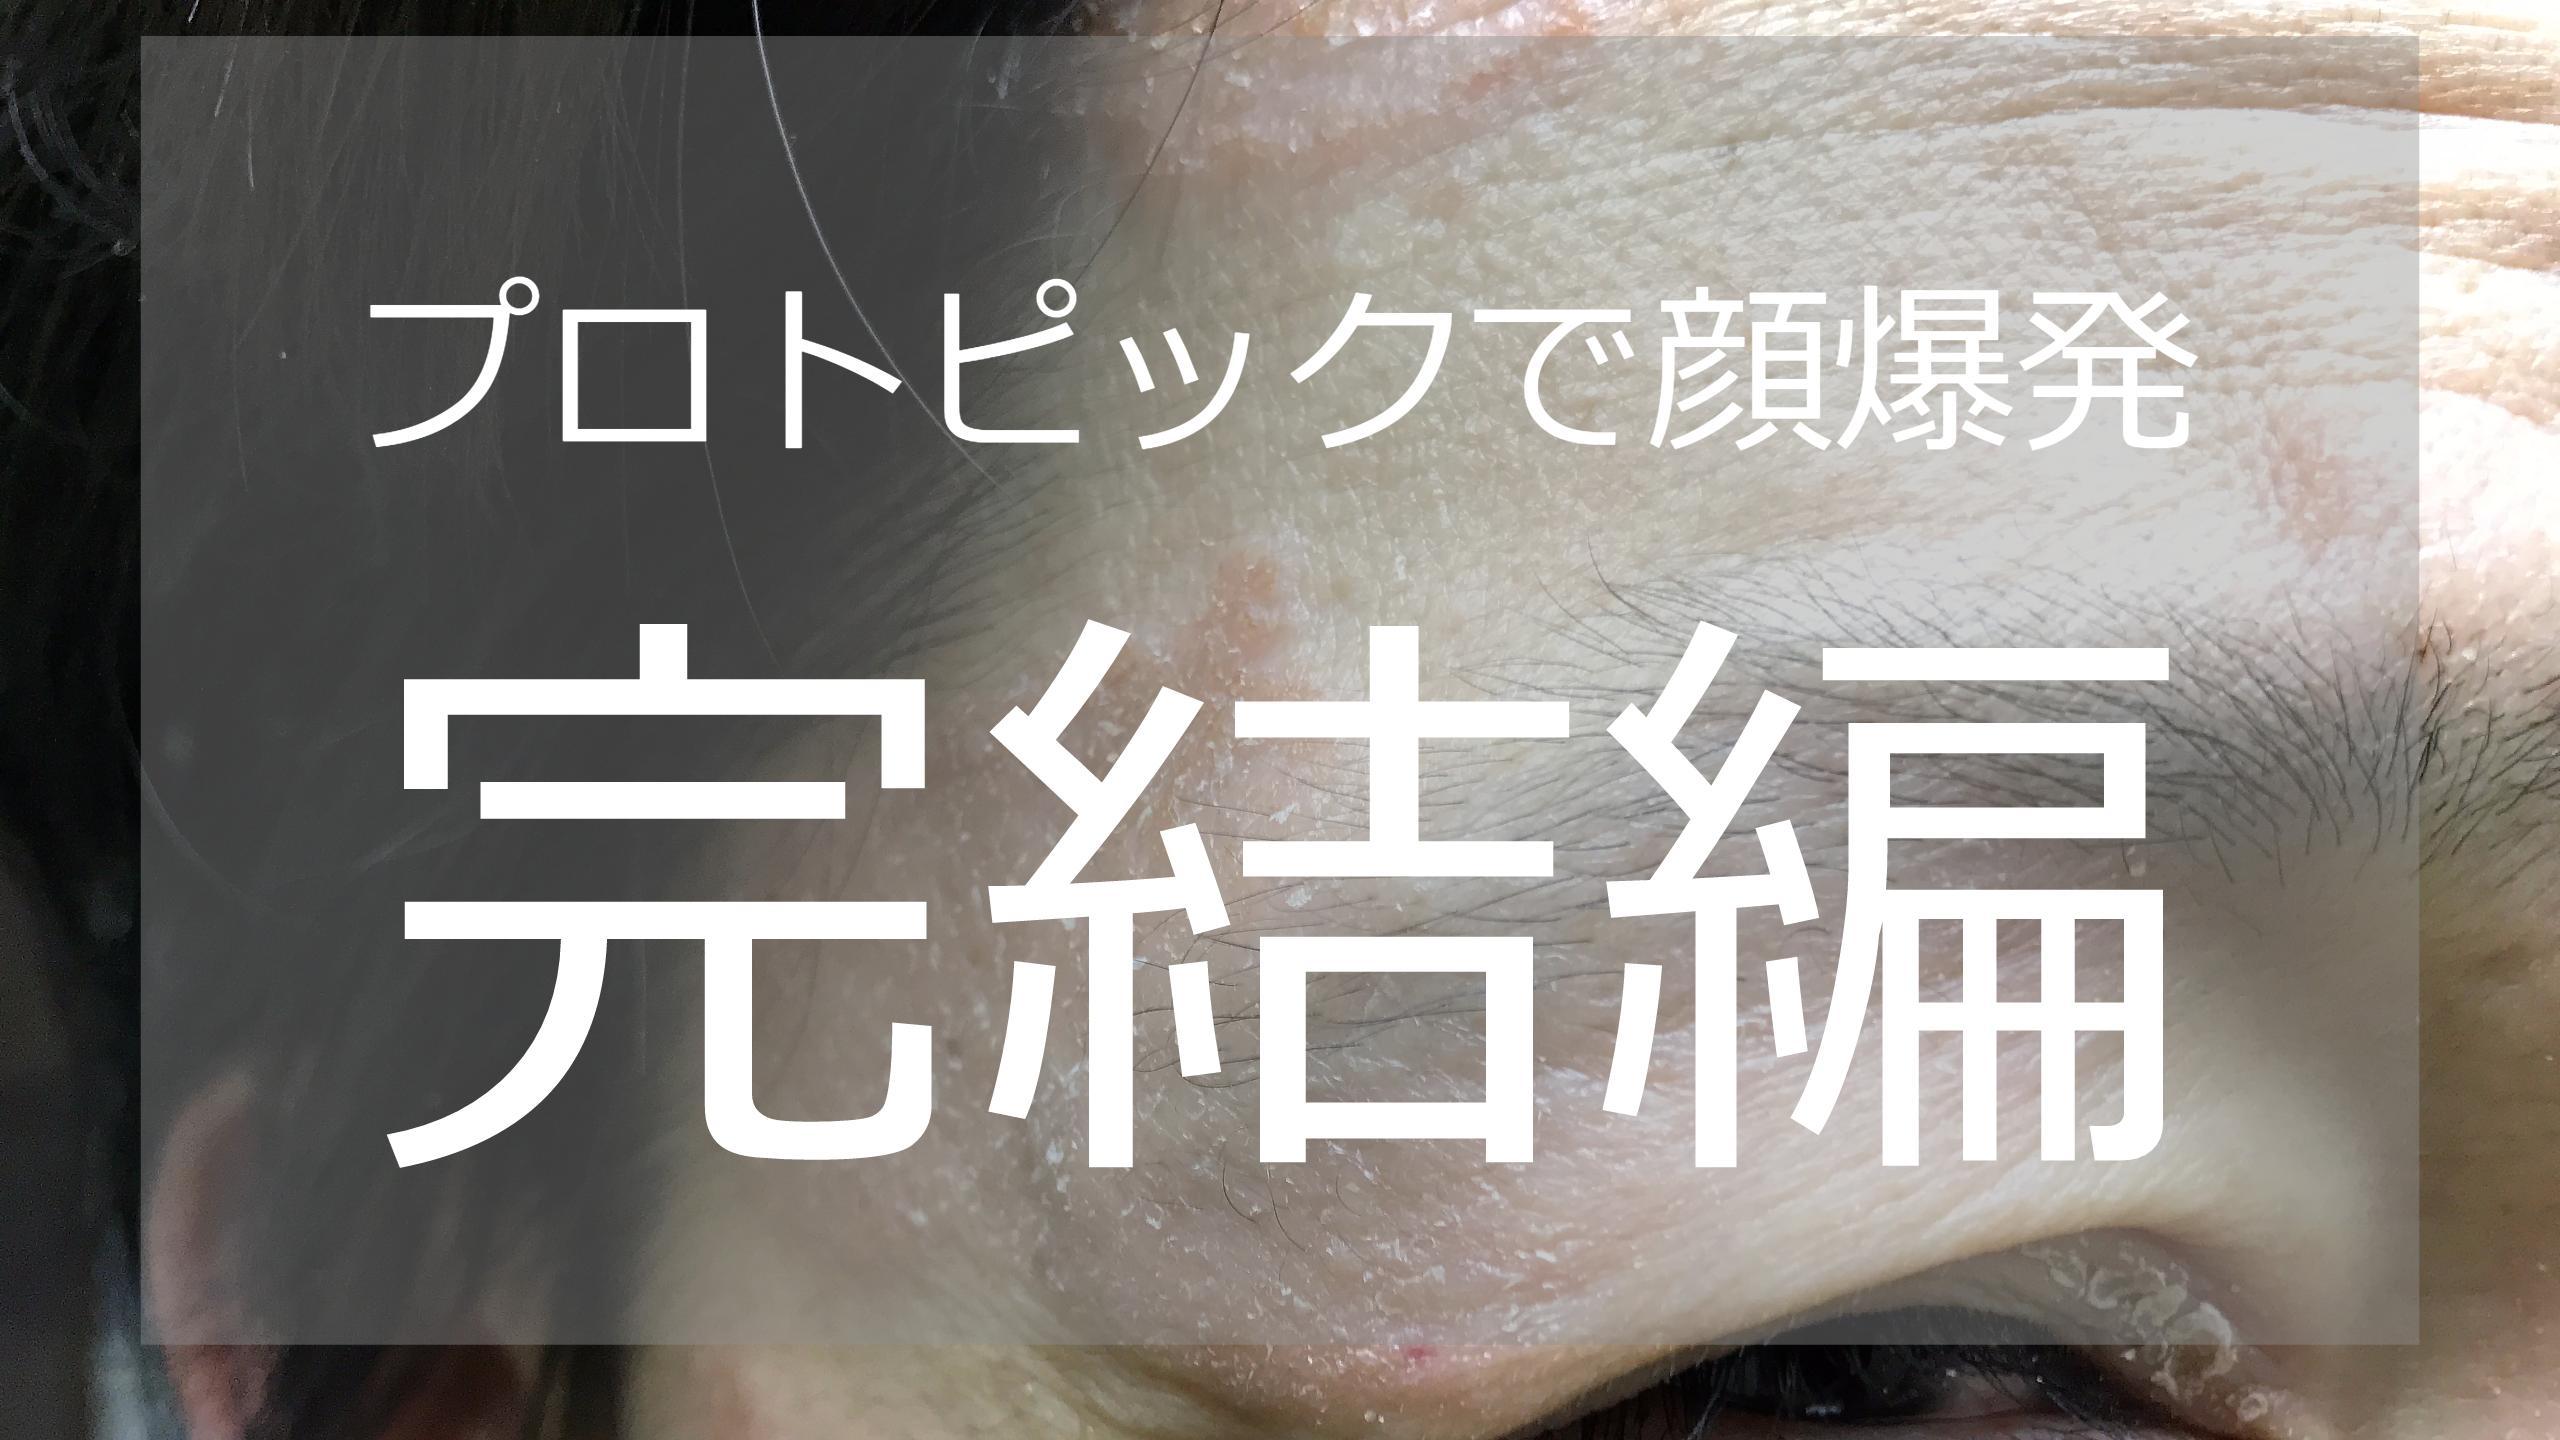 プロトピックで顔爆発